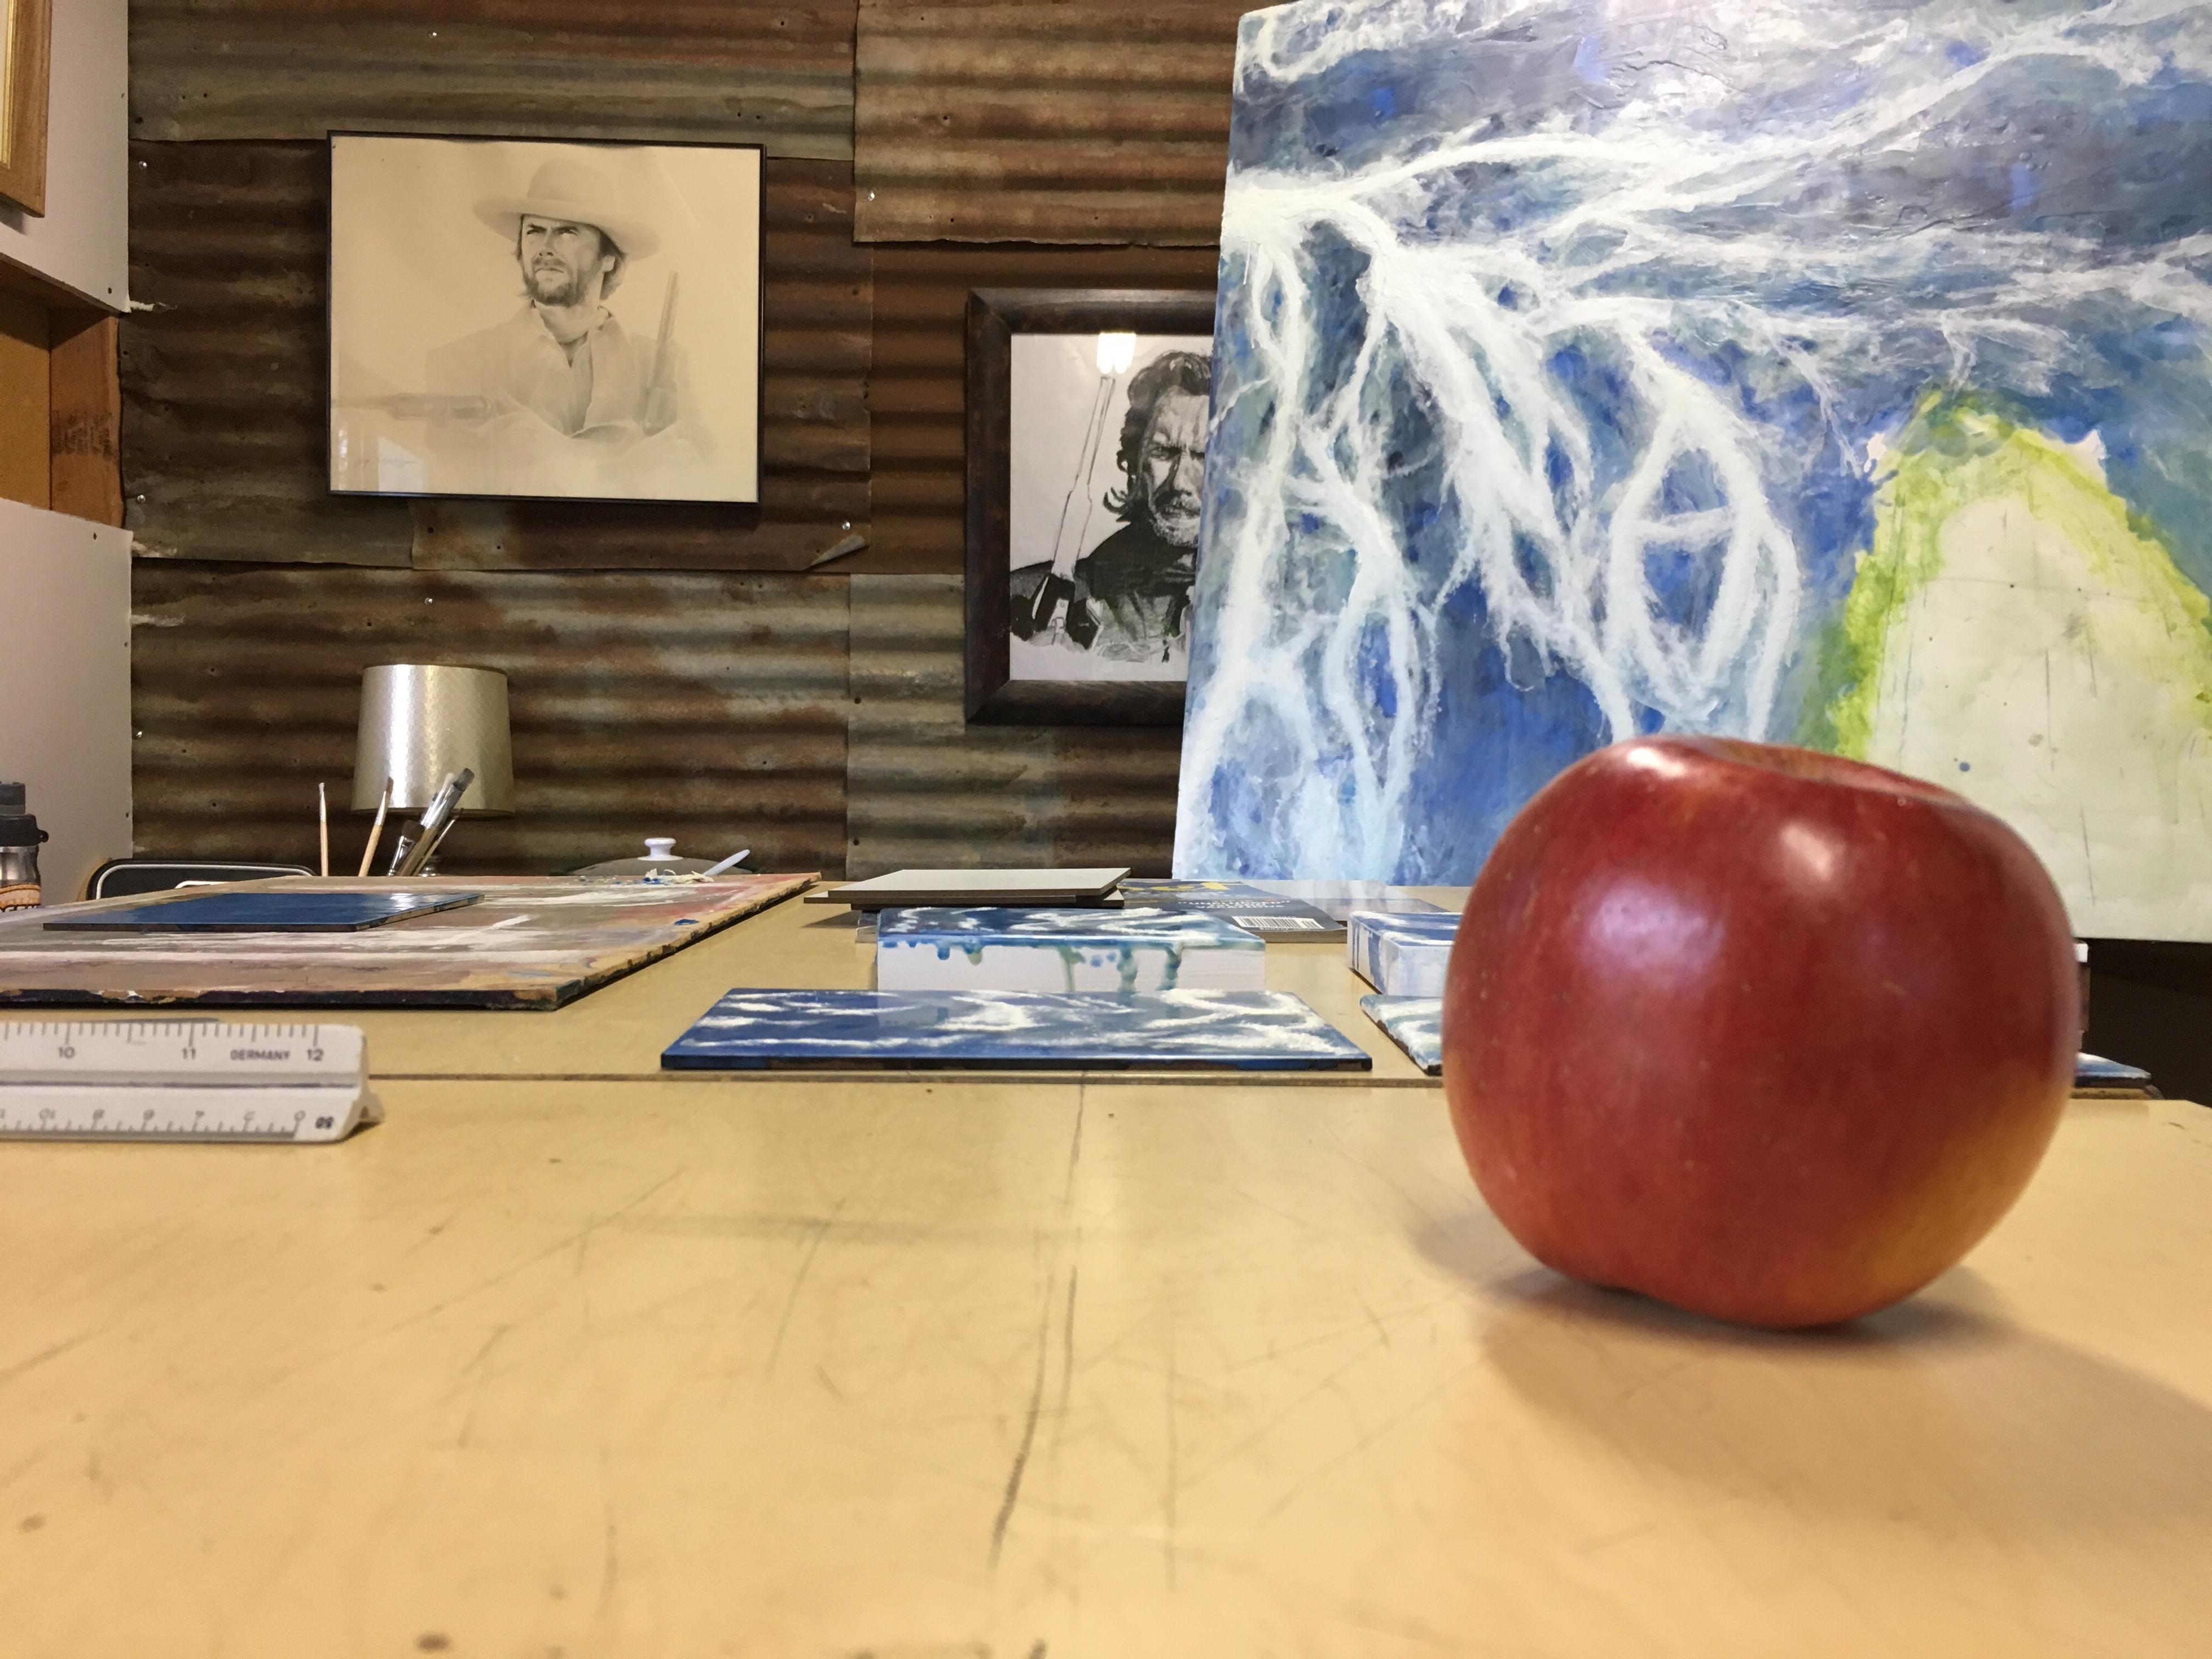 12 Days, 12 Paintings